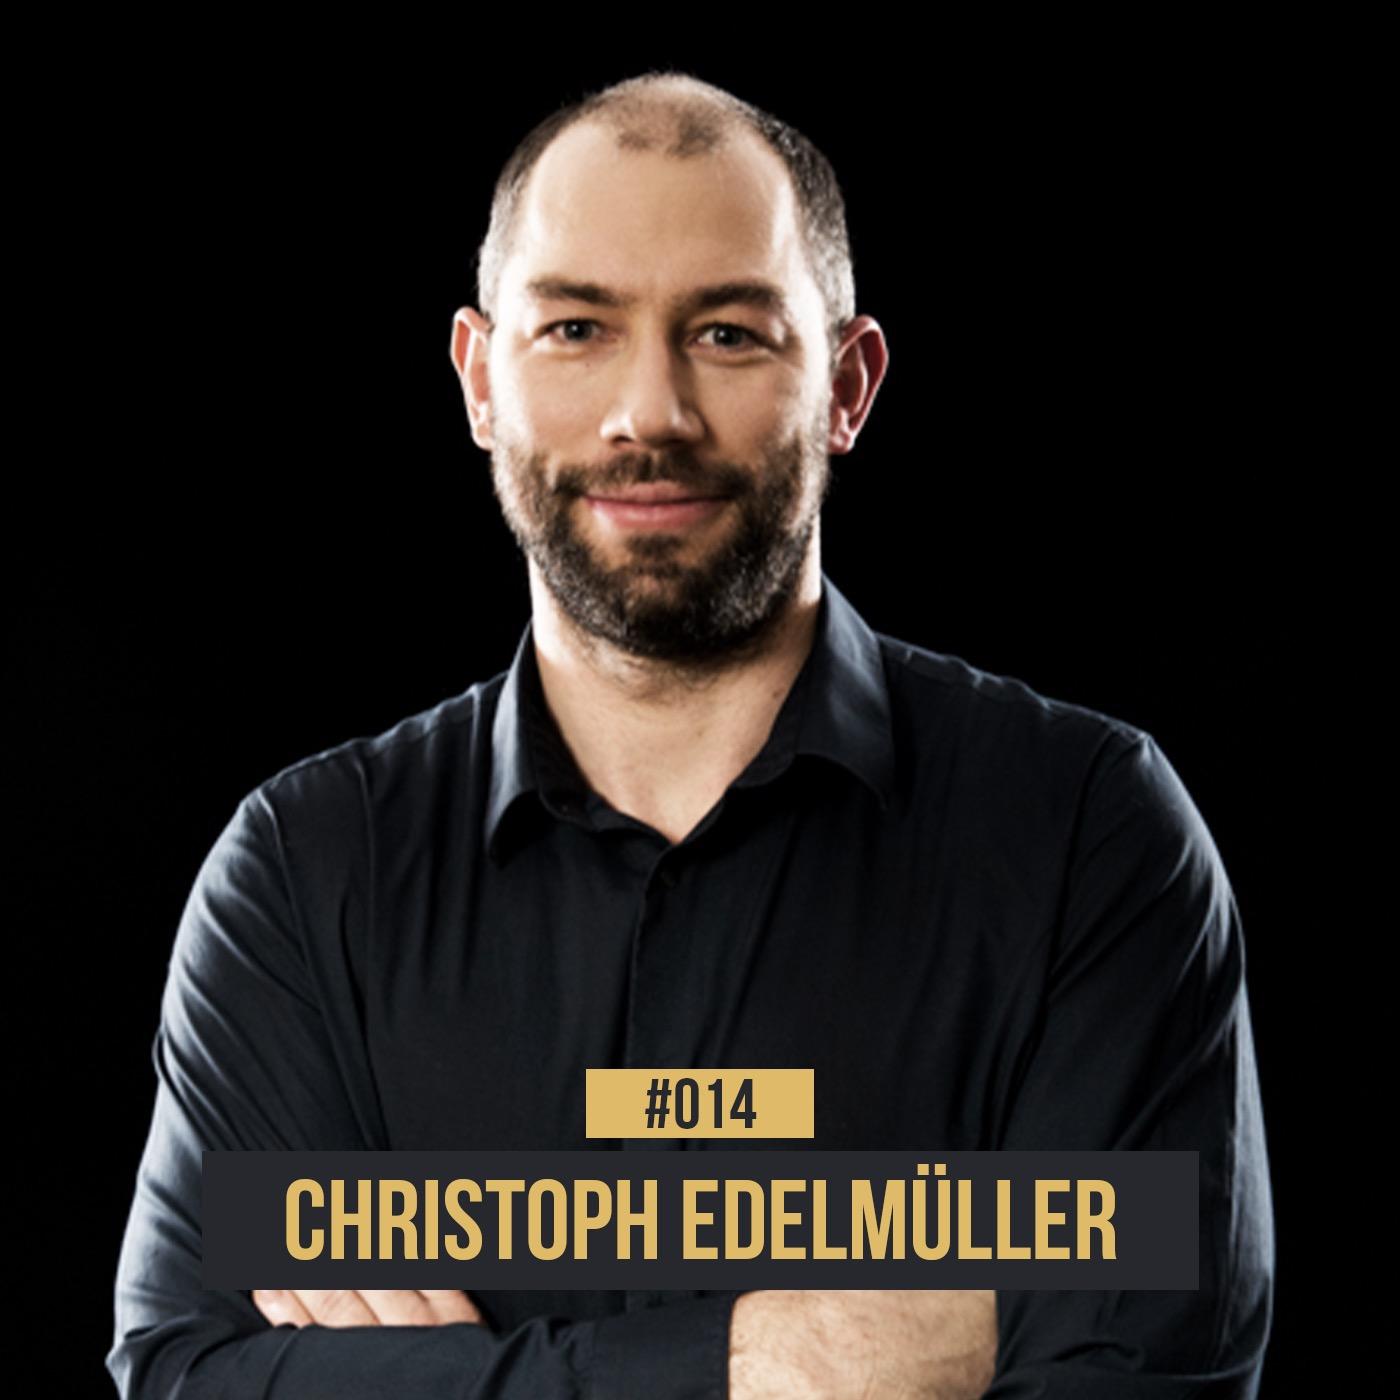 #014 Christoph Edelmüller: Vom Kreisläufer zum Ligachef